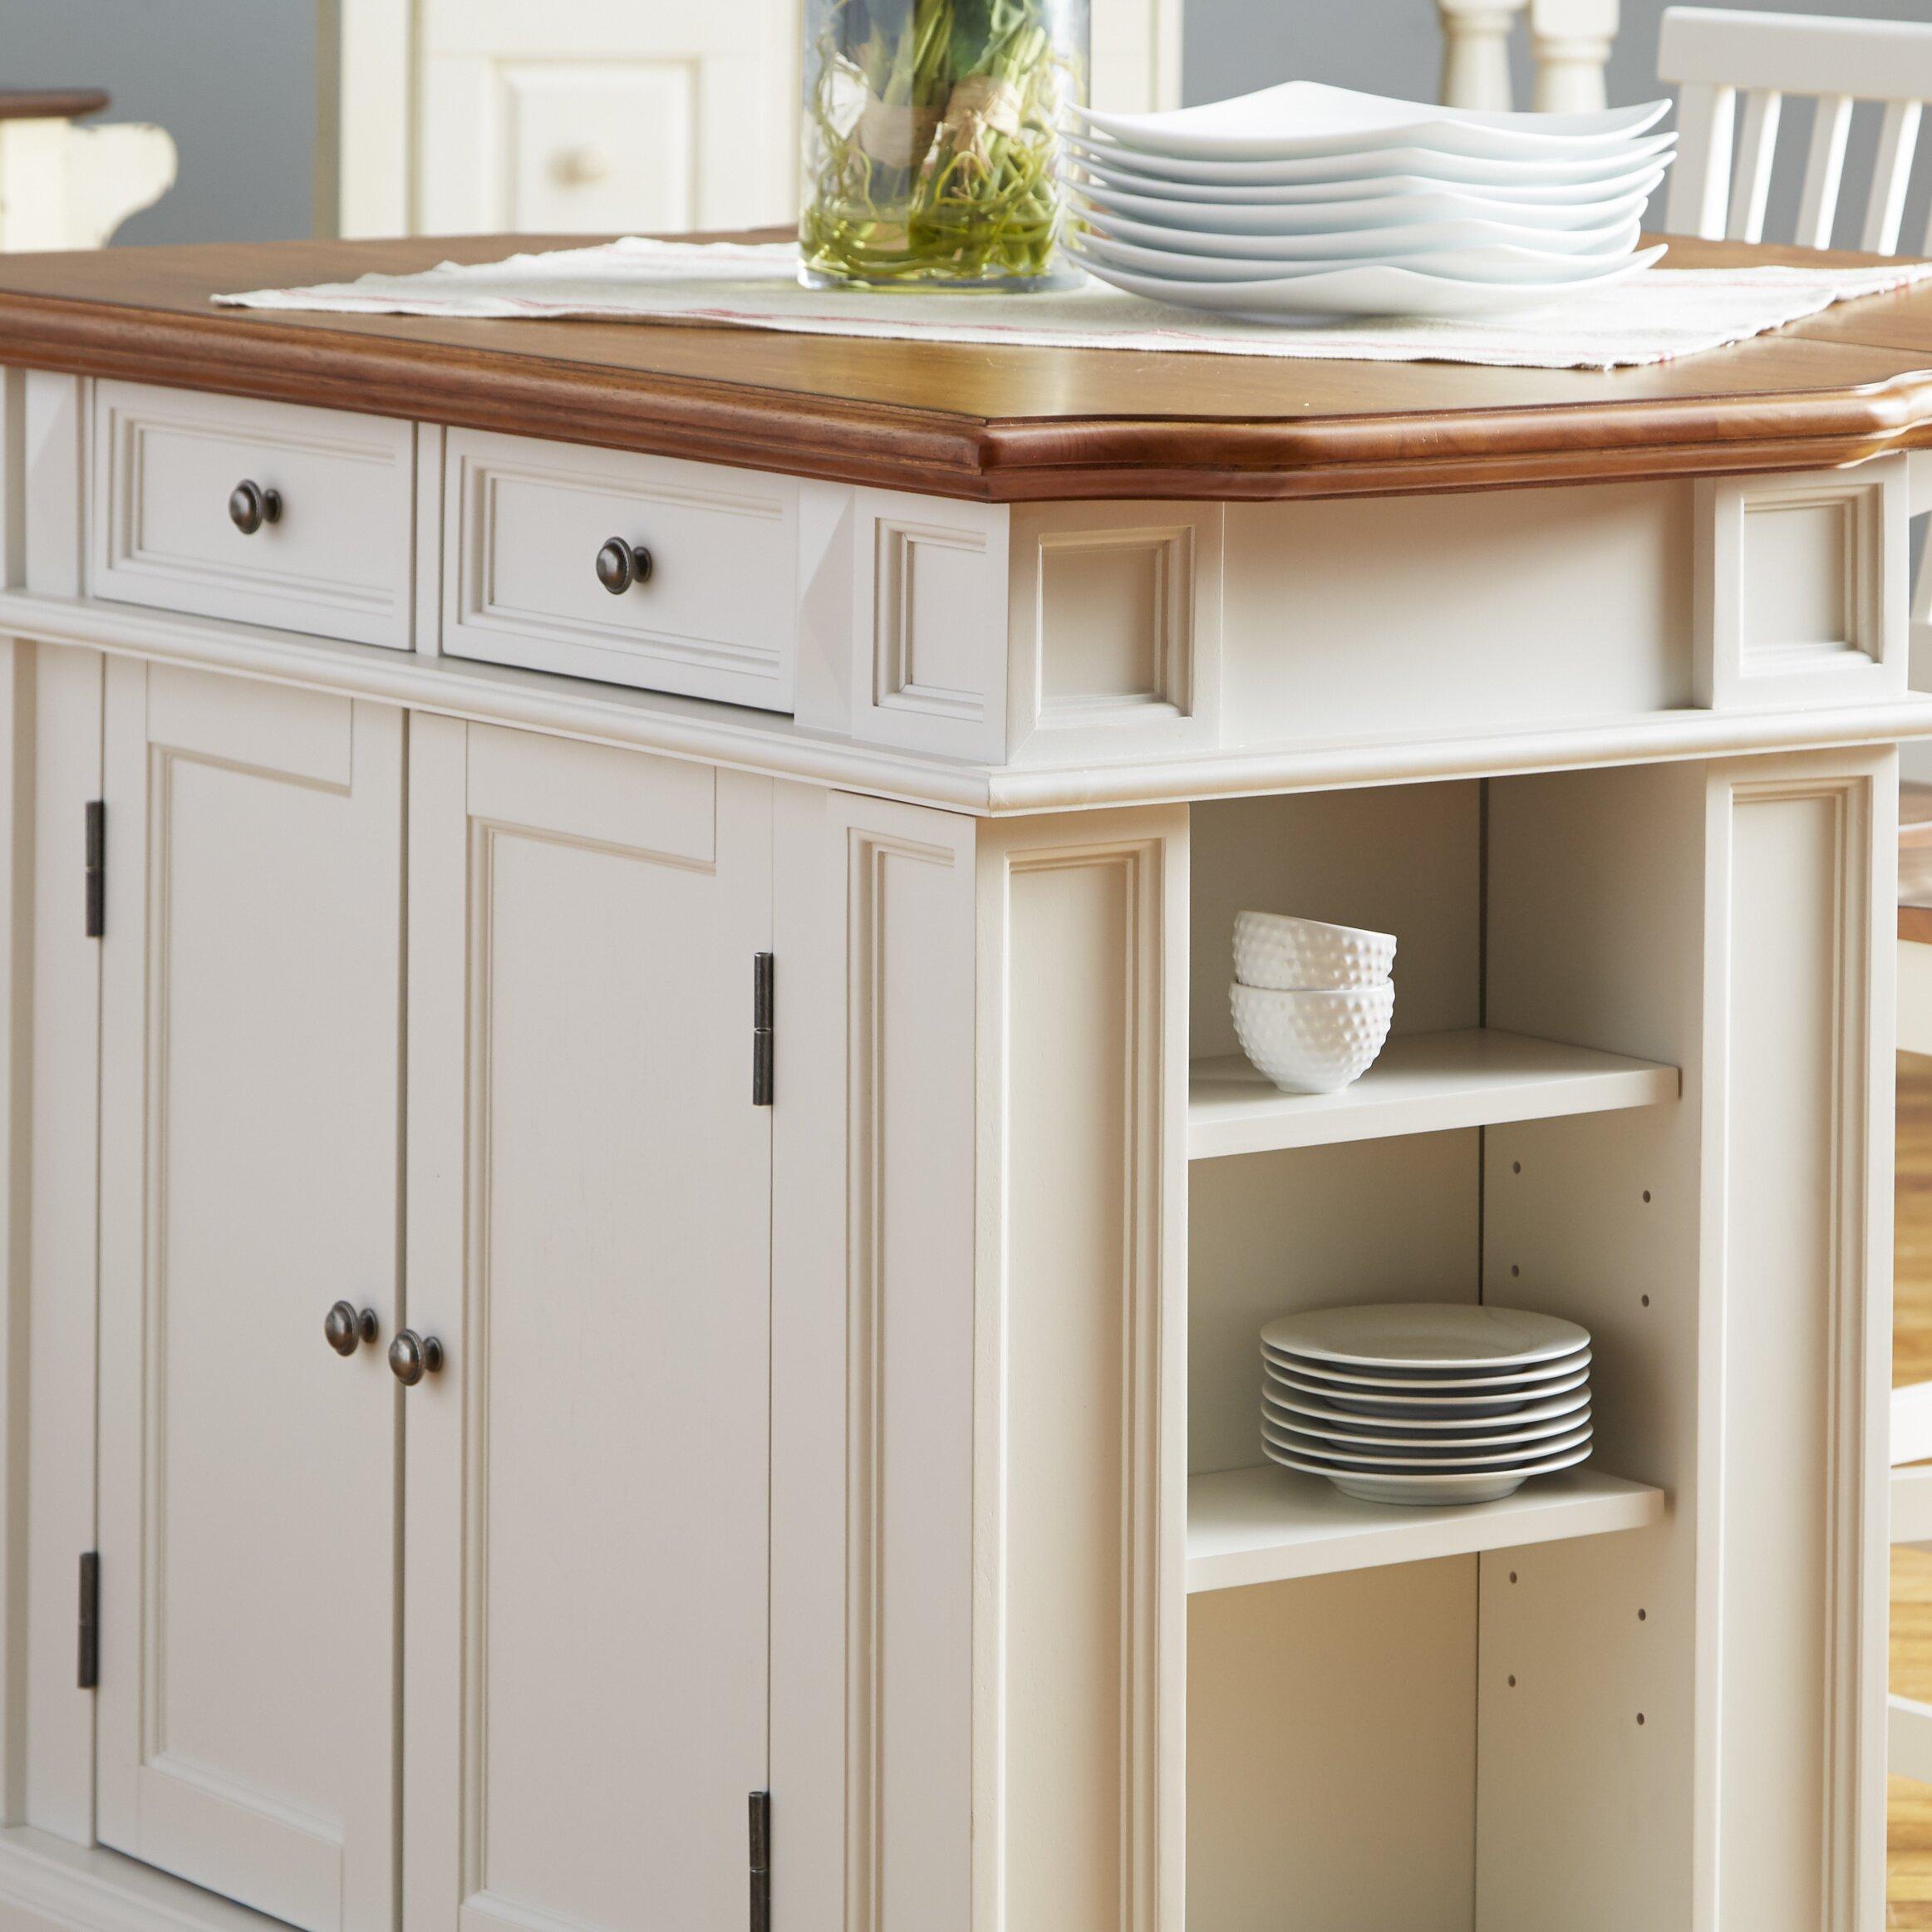 Kitchen Set Island: Darby Home Co Mattice 3 Piece Kitchen Island Set & Reviews